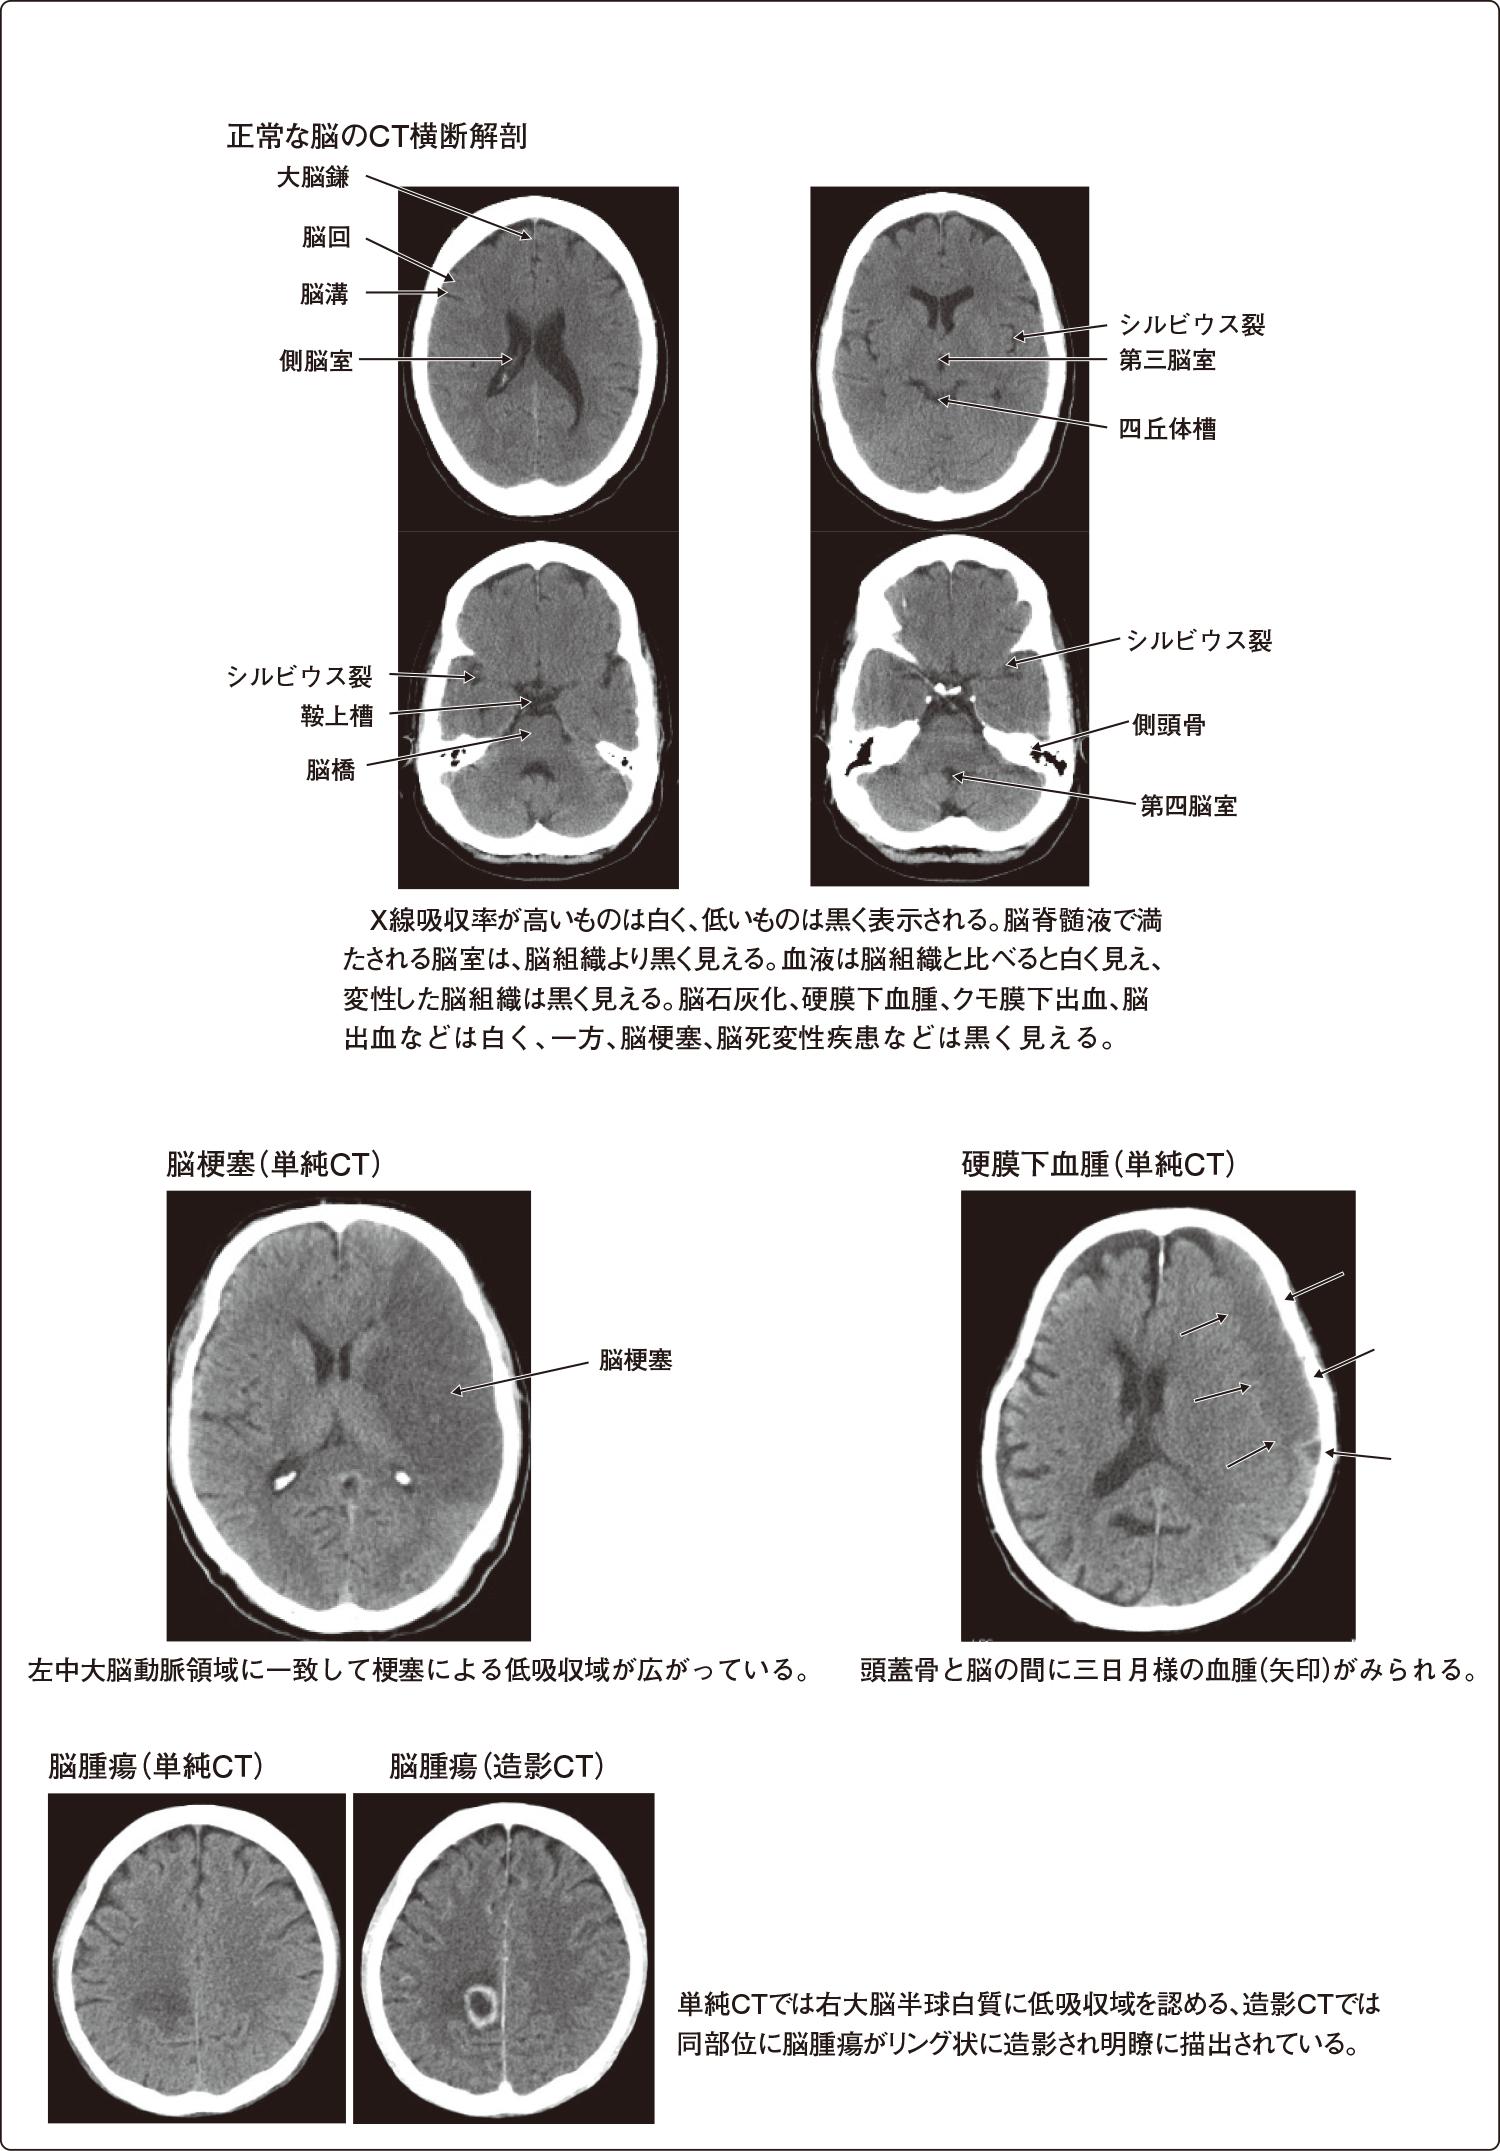 頭部CT画像